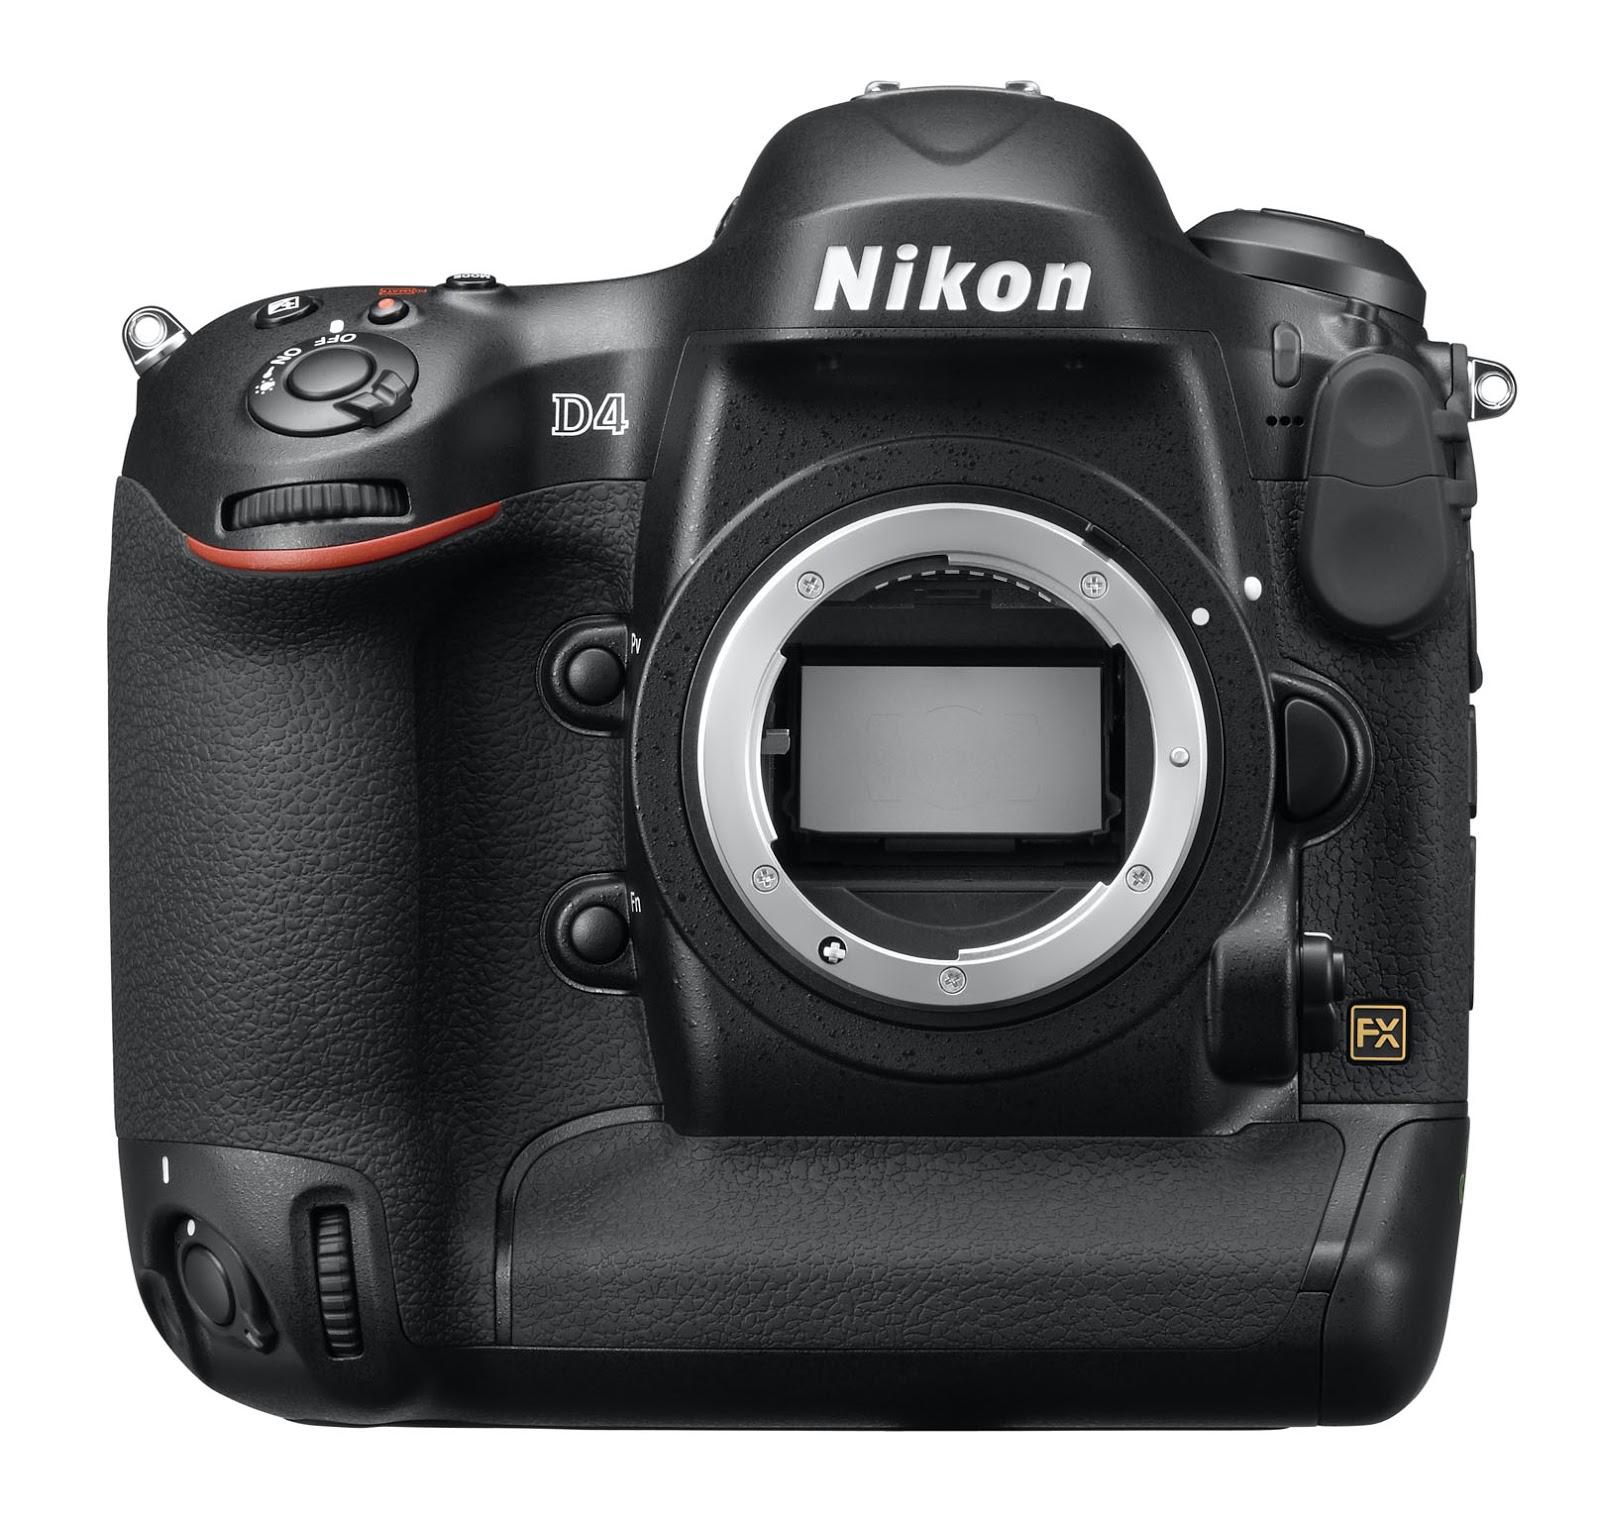 Daftar Harga Kamera DSLR Nikon Mei 2013 Lengkap | Harga Kamera Terbaru